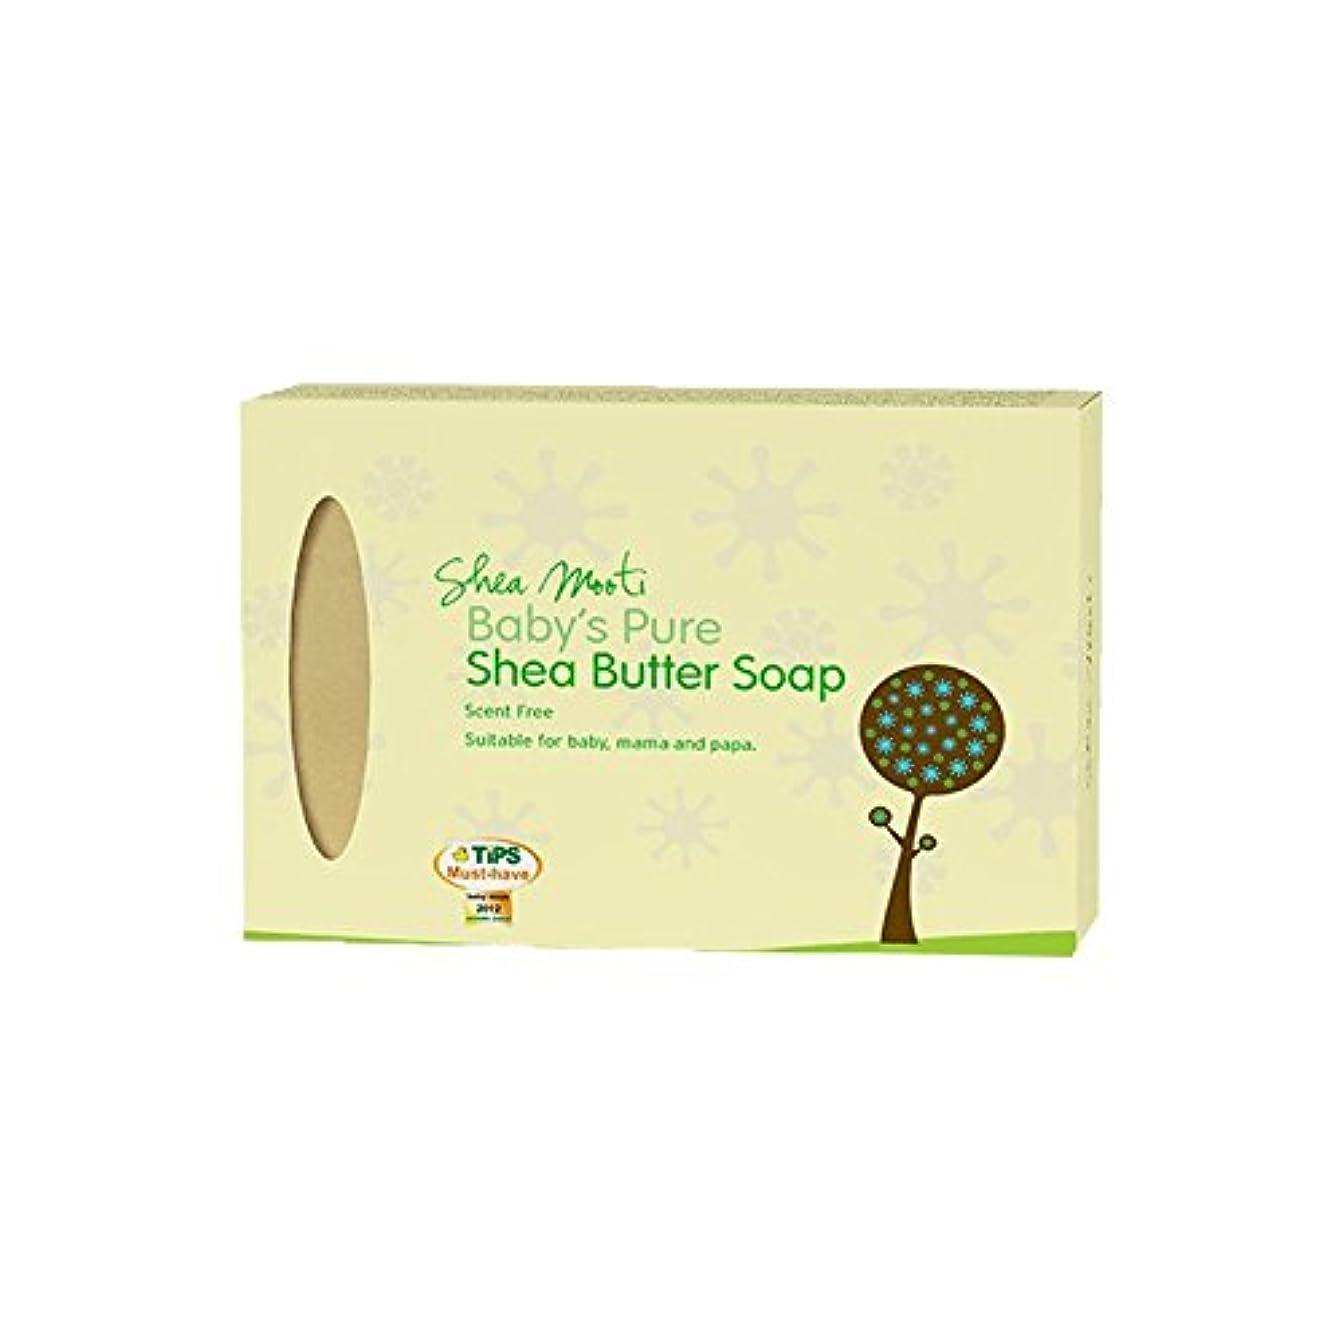 アレイエキゾチック文明化Shea Mooti Baby's Pure Shea Butter Soap Unscented 250ml (Pack of 6) - シアバターMooti赤ちゃんの純粋なシアバターソープ無香250ミリリットル (x6) [並行輸入品]